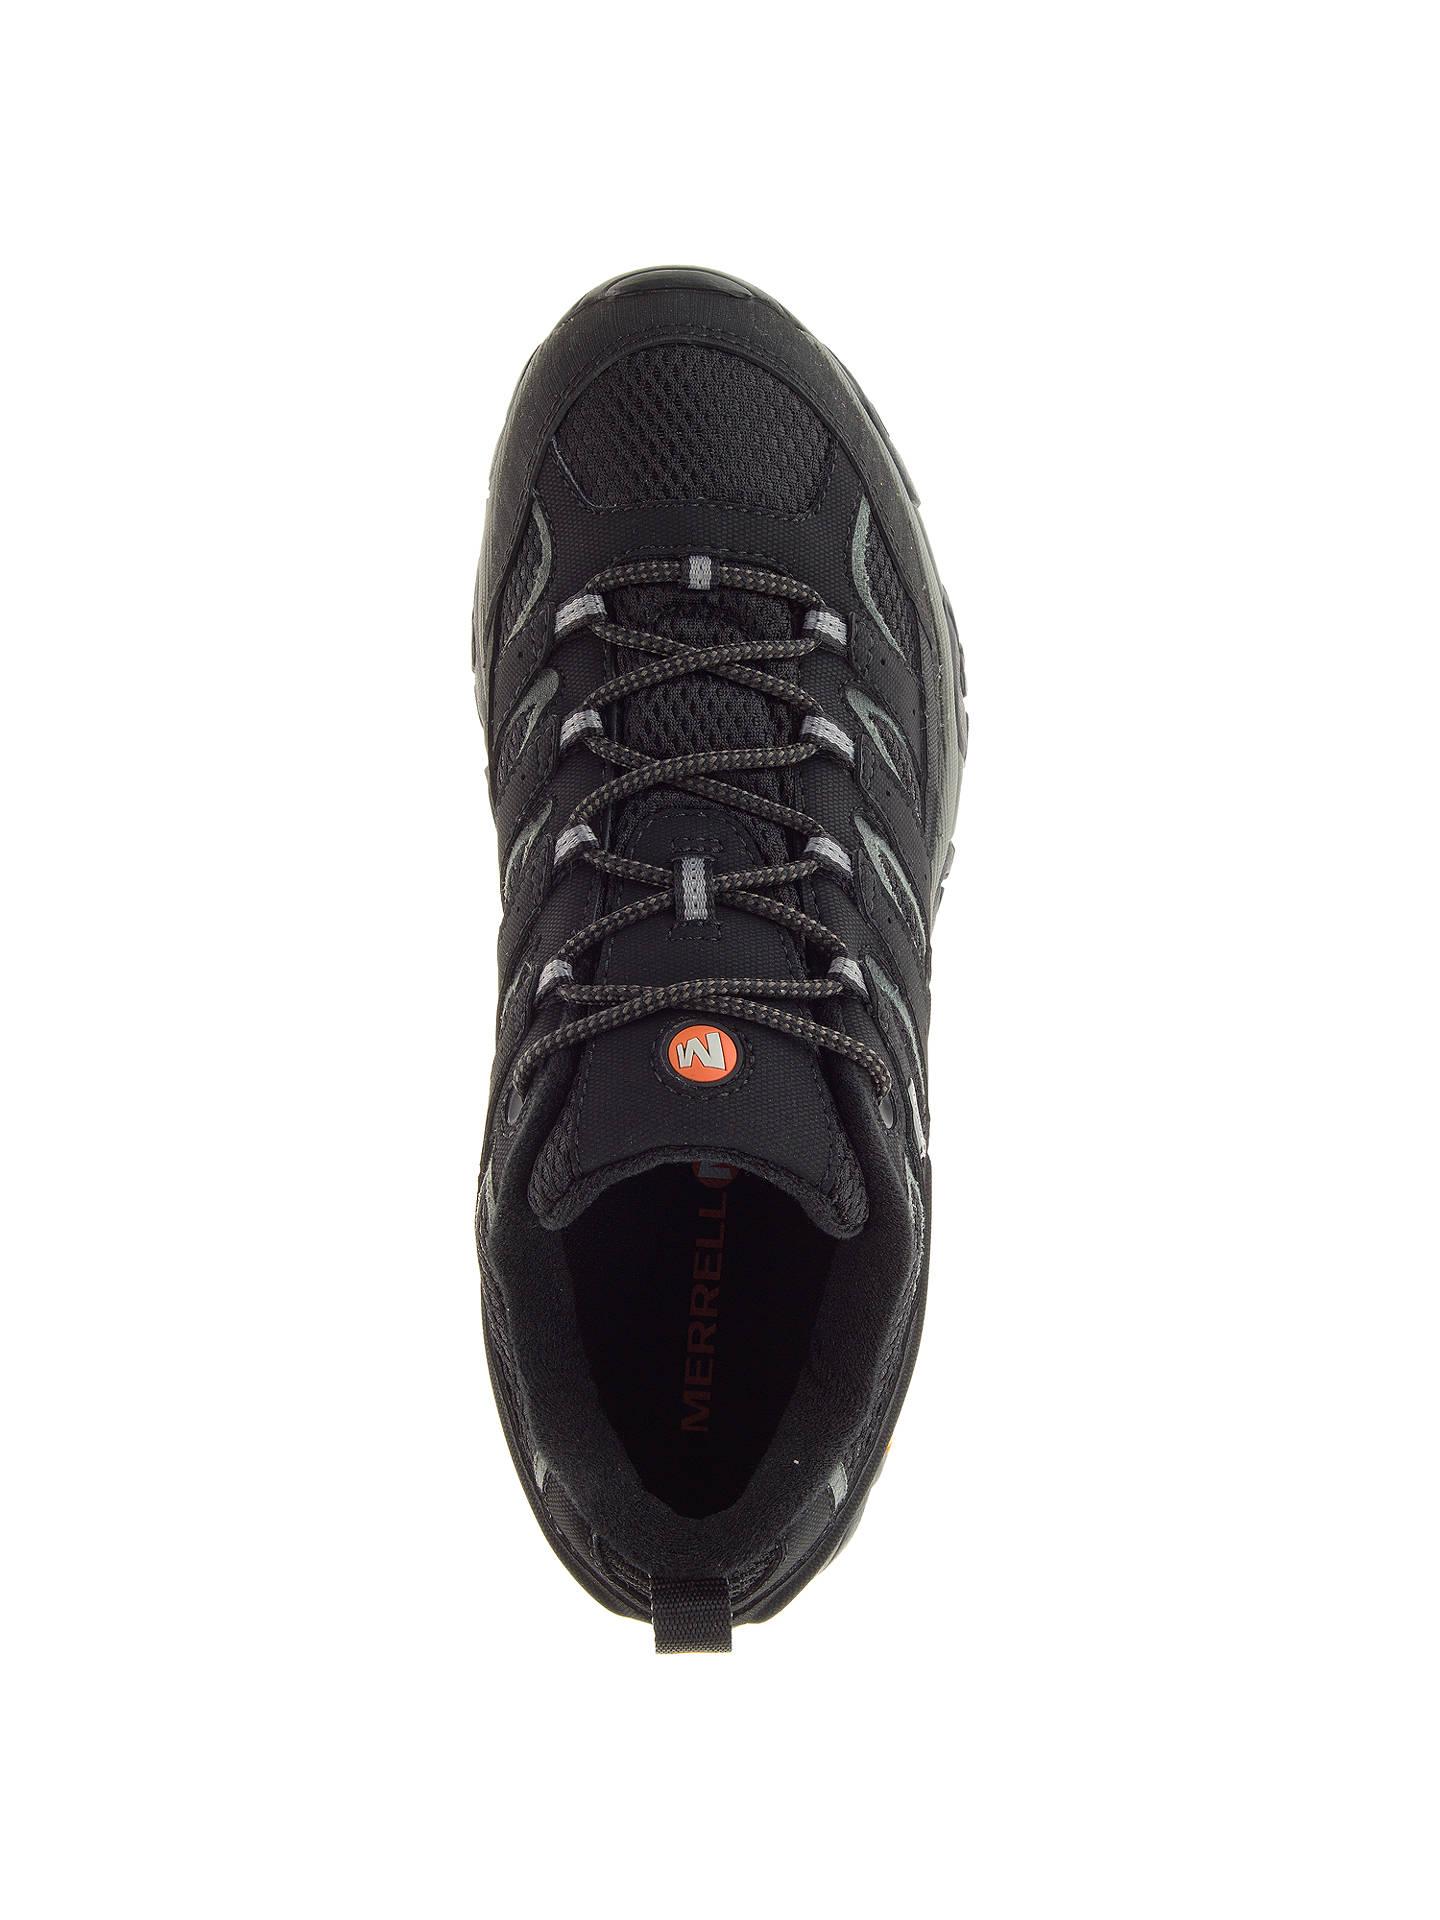 ff5b52e4096 Merrell MOAB 2 GORE-TEX Men's Hiking Shoes, Black